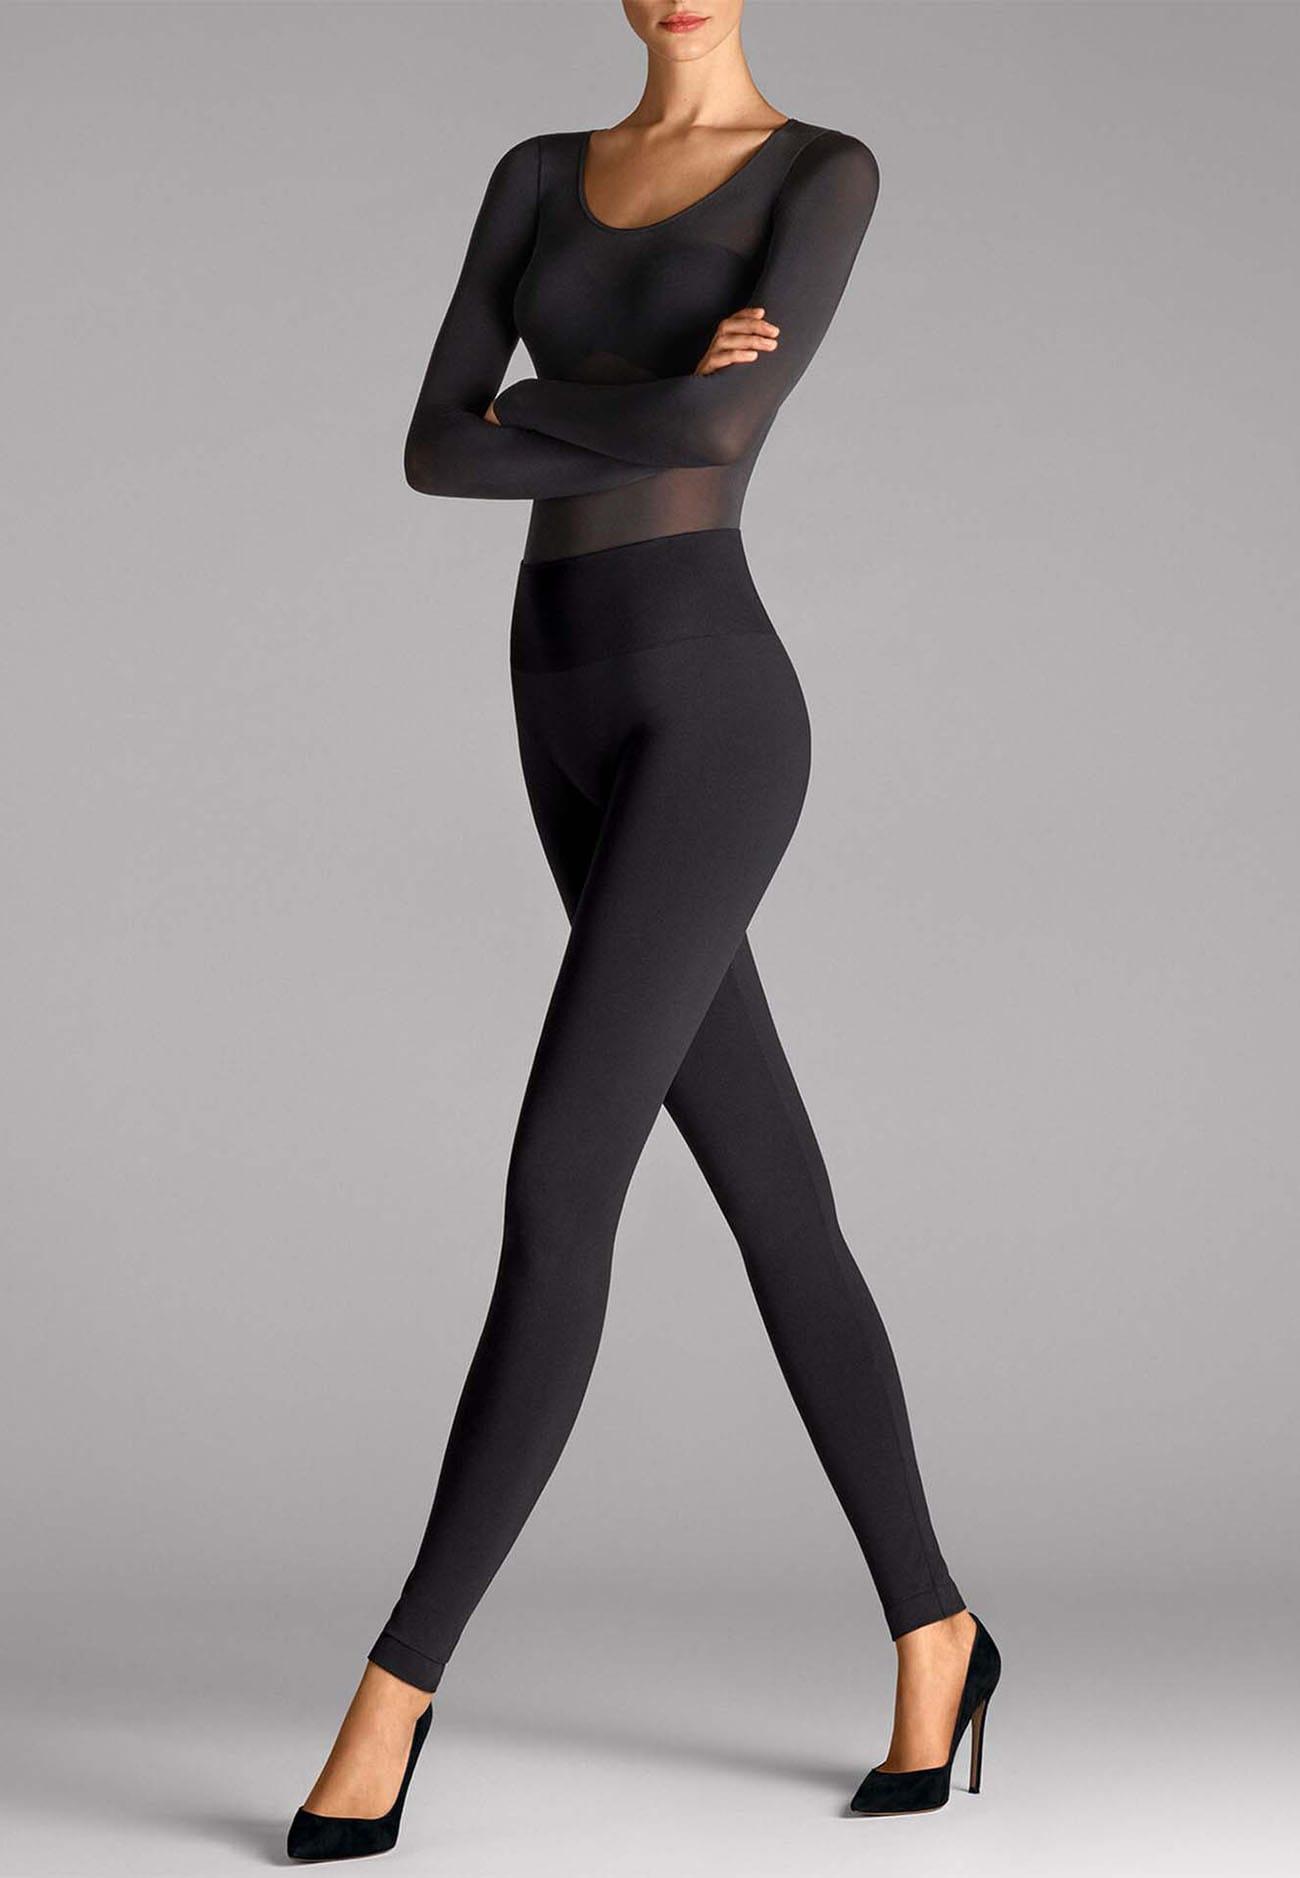 14554 Perfect Fit Leggings